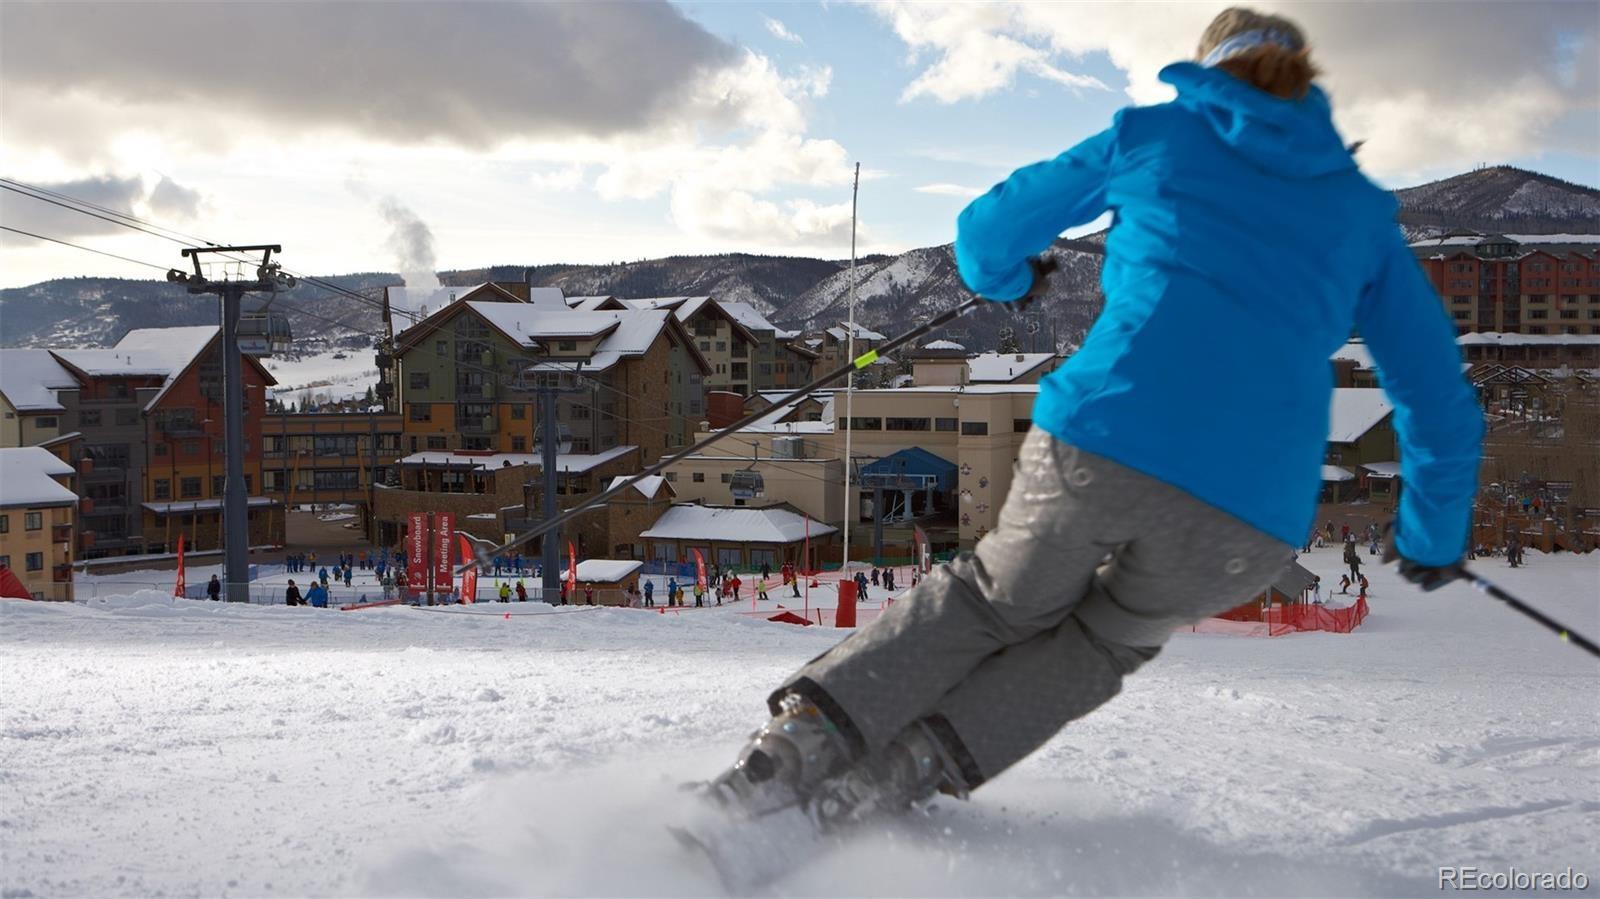 MLS# 7230921 - 30 - 2250 Apres Ski Way #403-II, Steamboat Springs, CO 80487